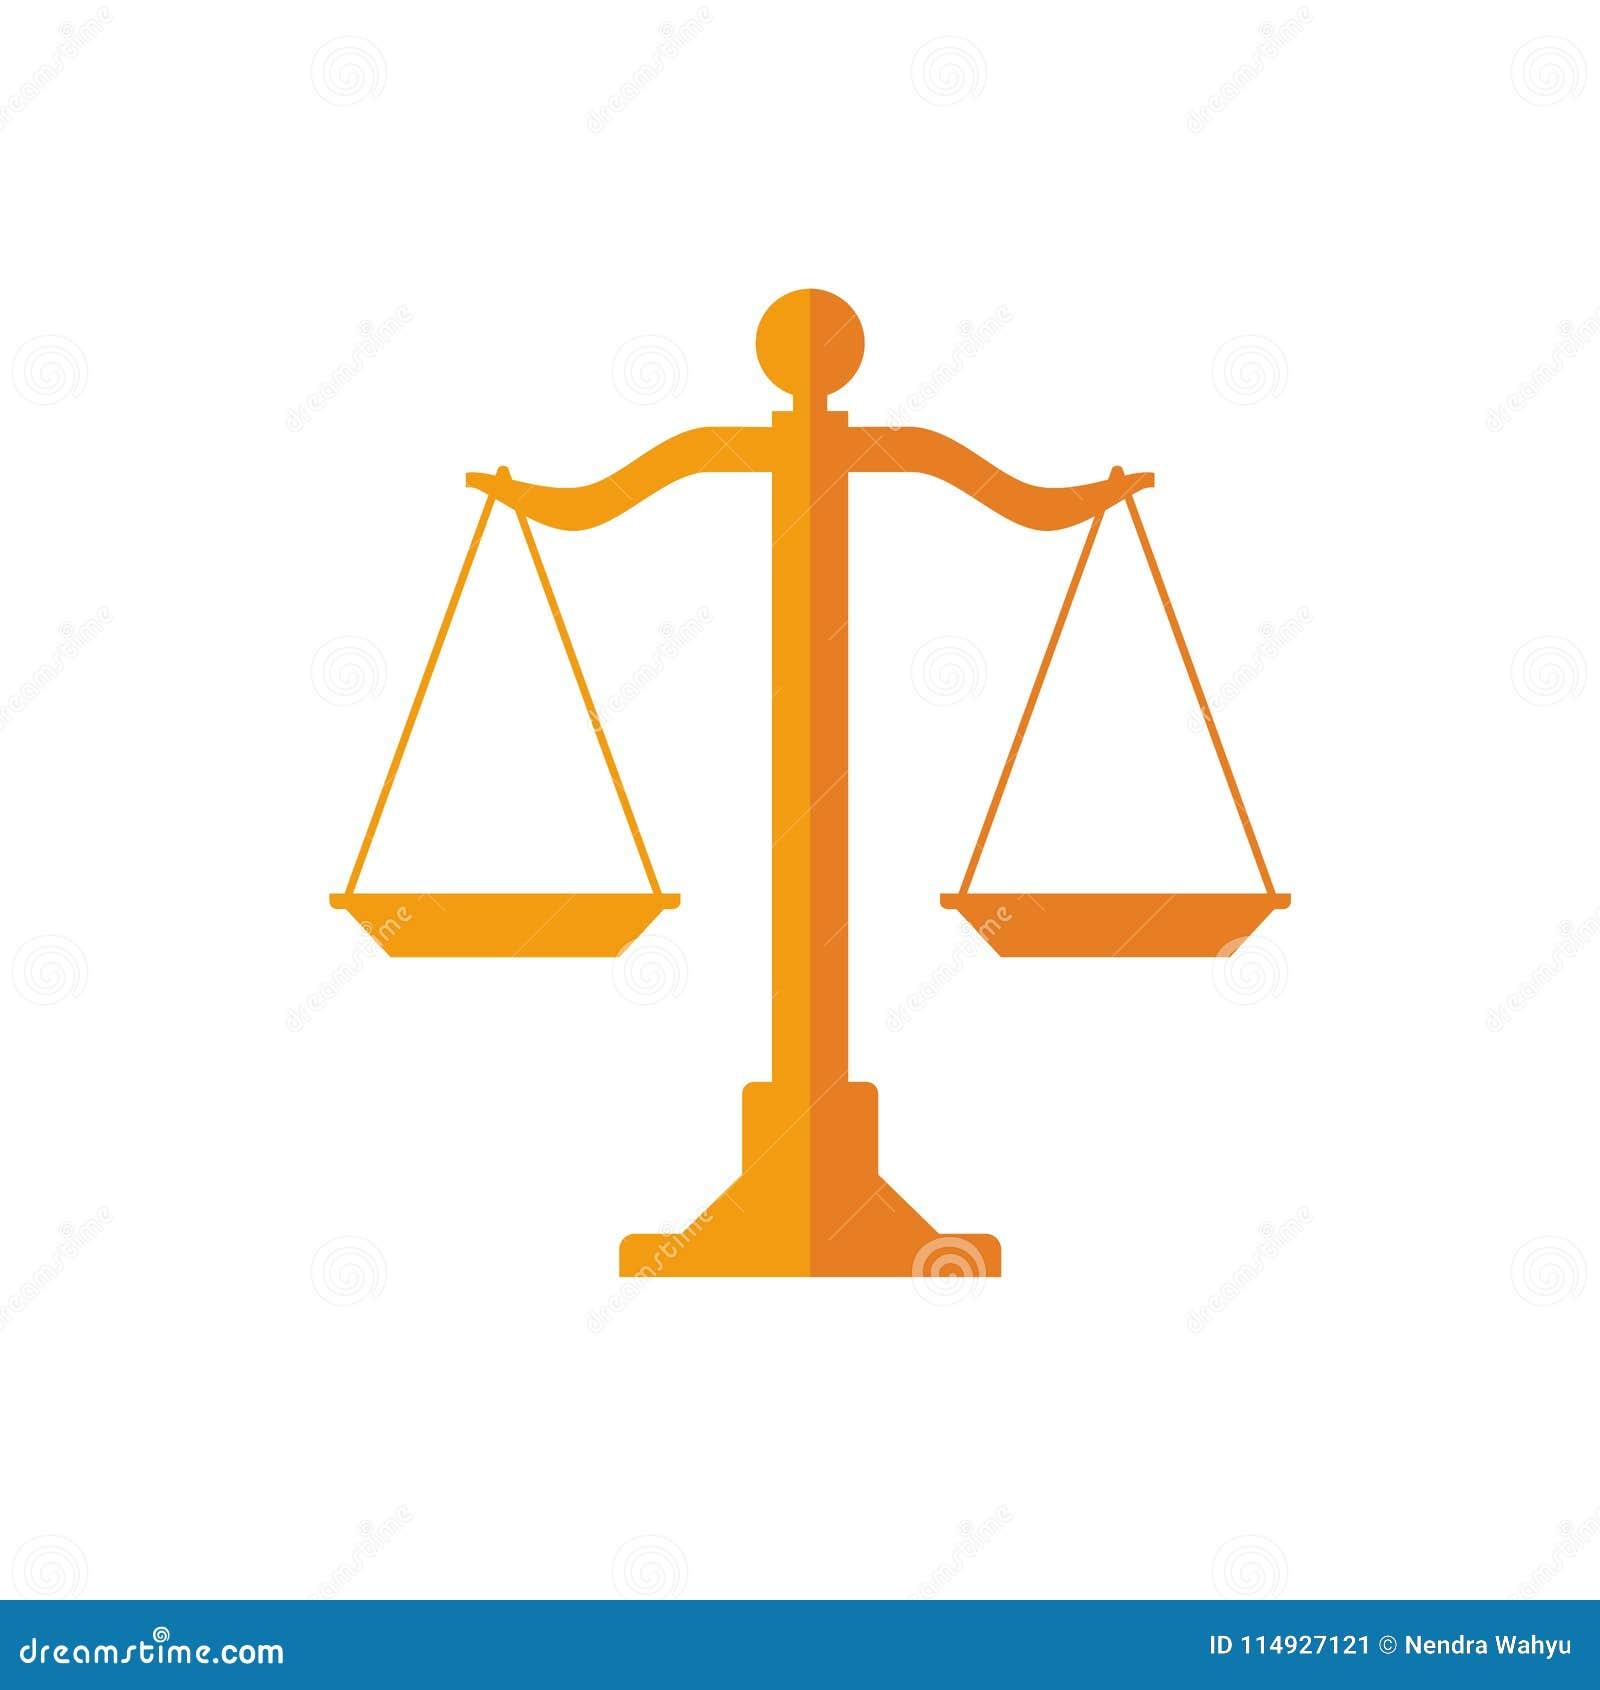 木头标度的标志法律、正义和平等的在一个平和简单设计